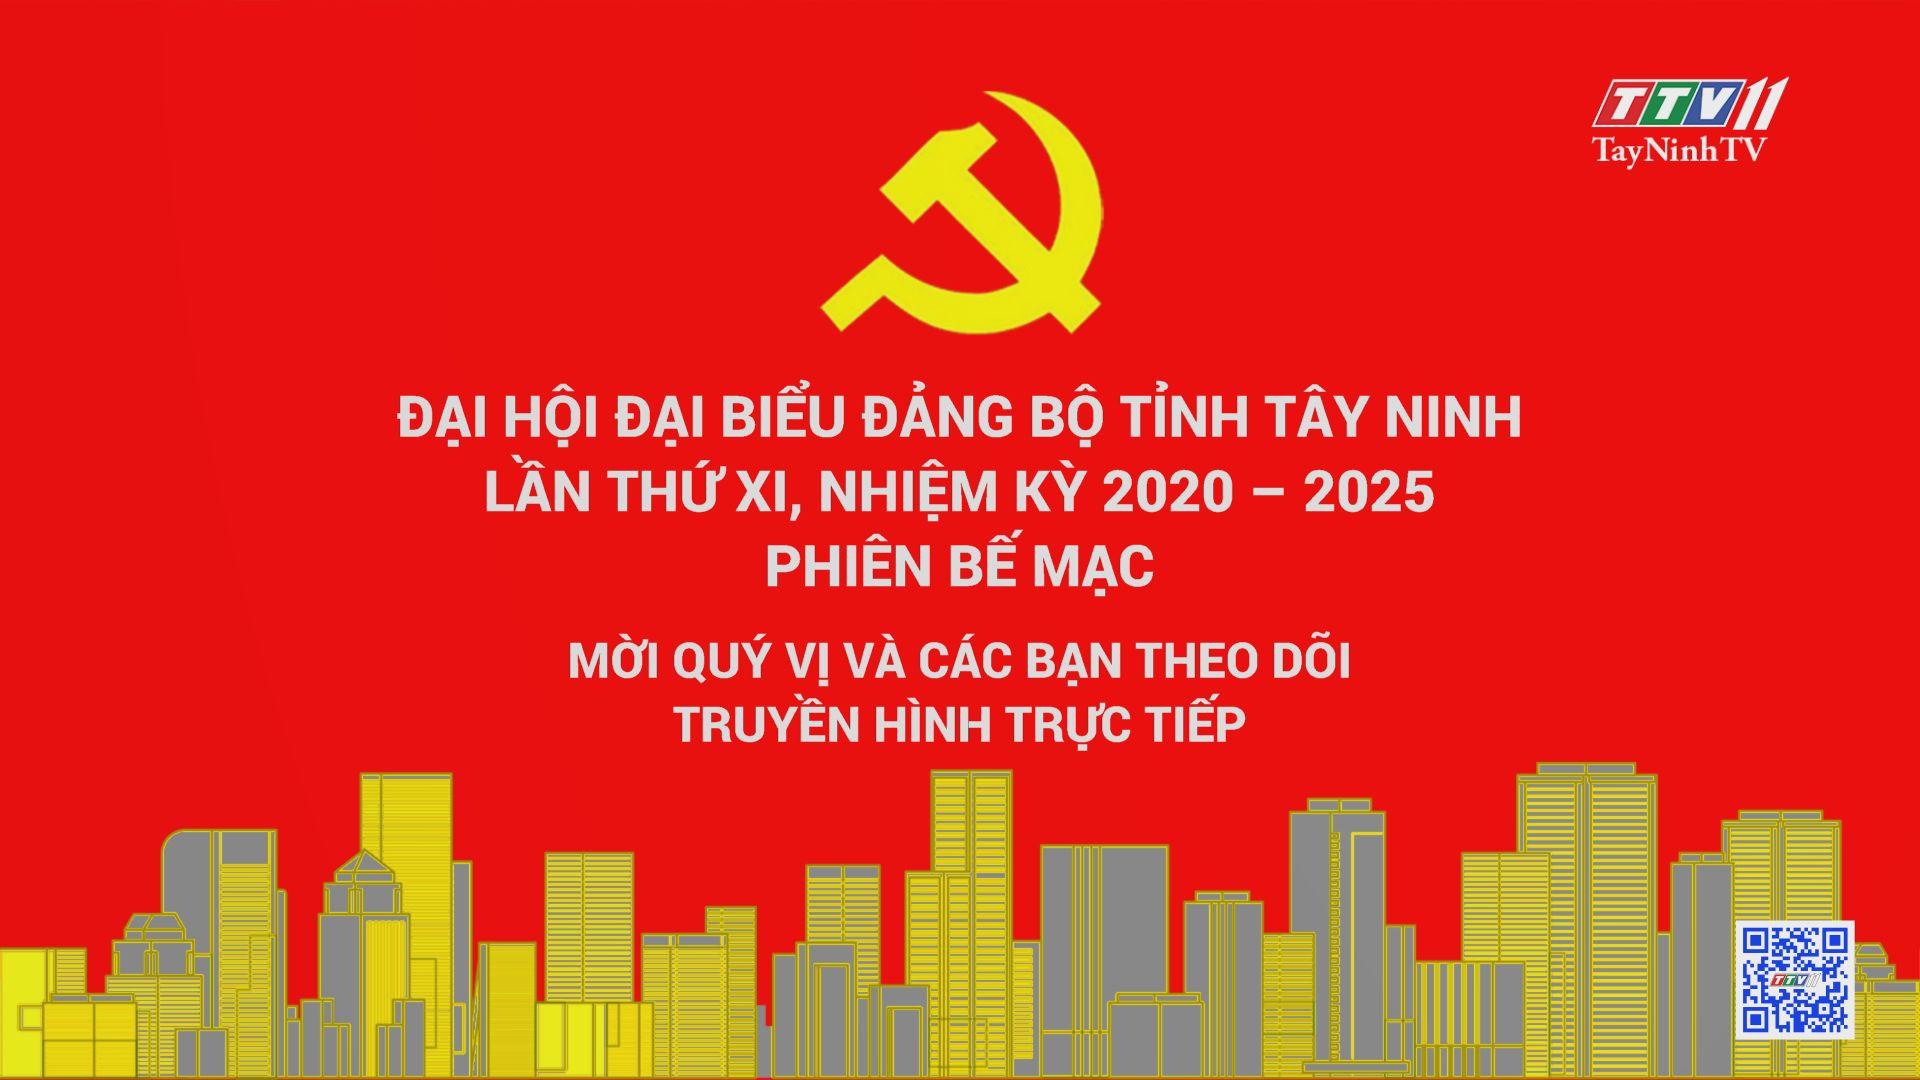 Phần 1 PHIÊN BẾ MẠC-Đại hội Đại biểu Đảng bộ tỉnh Tây Ninh lần thứ XI, nhiệm kỳ 2020-2025 | ĐẠI HỘI ĐẢNG CÁC CẤP | TayNinhTV